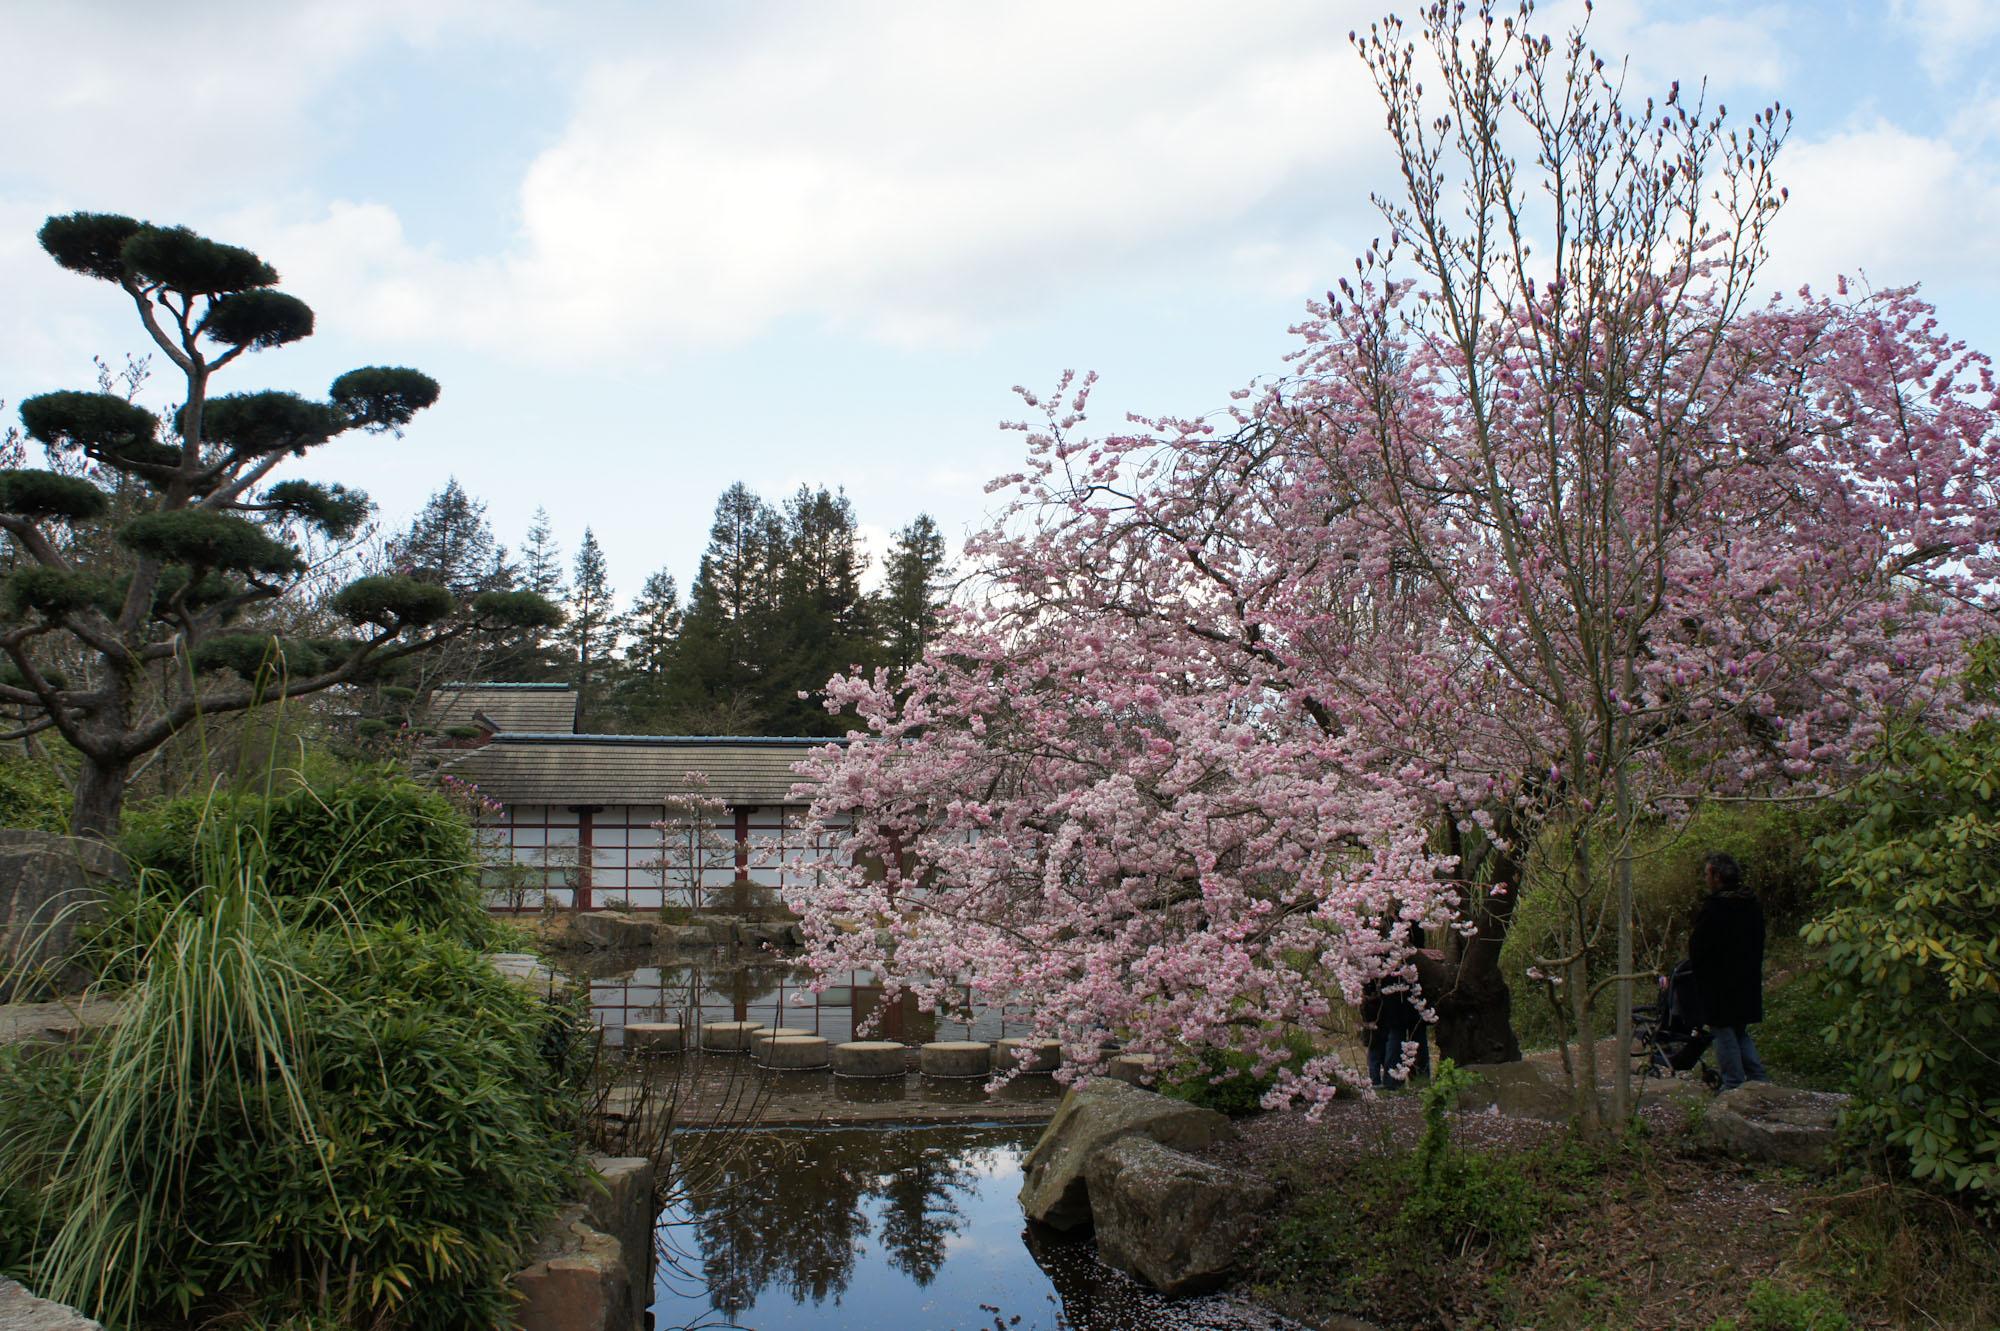 Jardin japonais nantes for Jardin japonais nantes